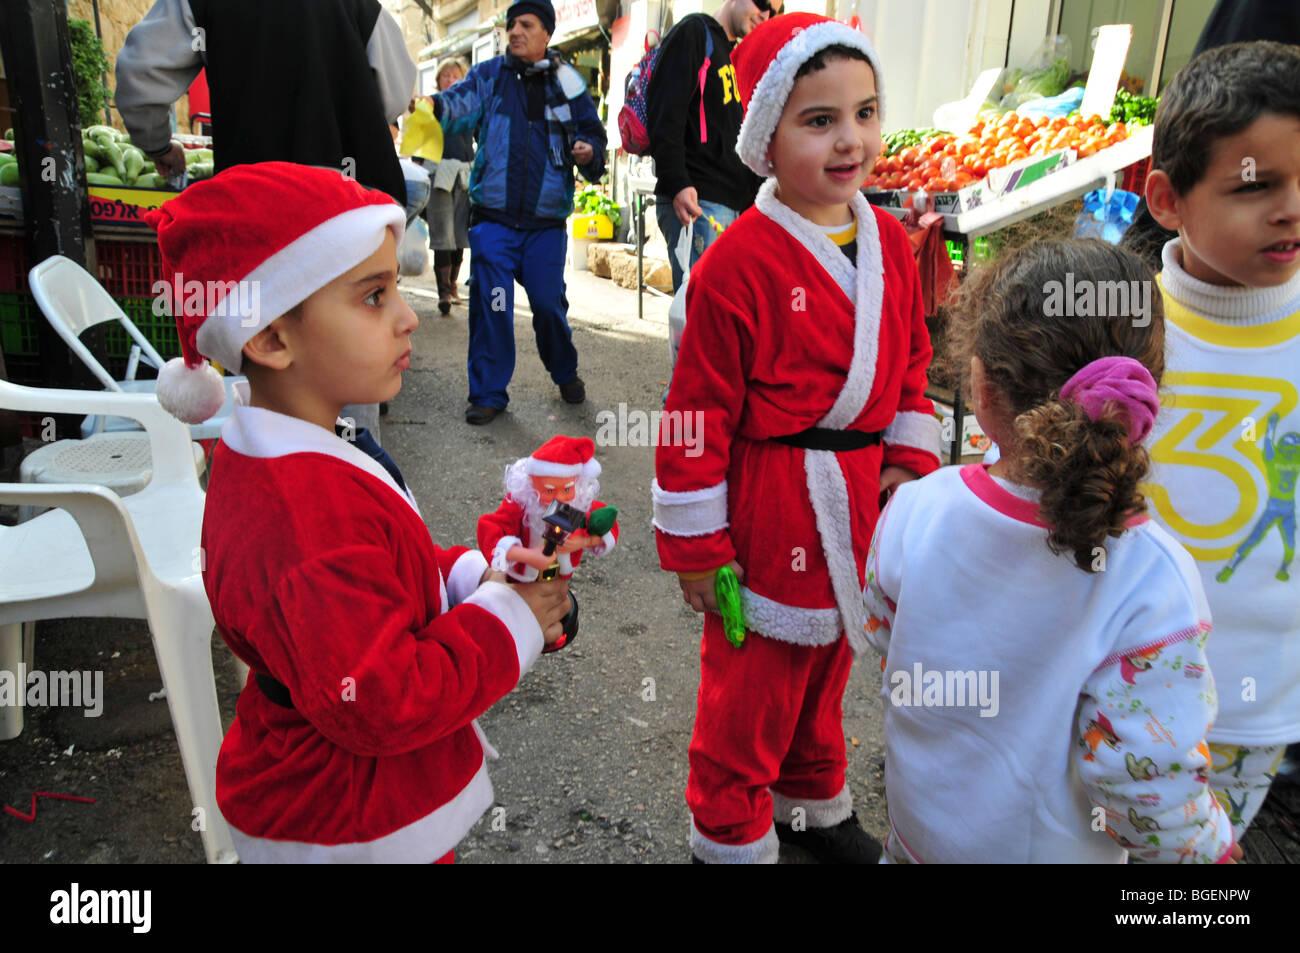 Israel, Haifa, Wadi Nisnas, the Holiday of holidays festival, Santa Claus in a parade - Stock Image